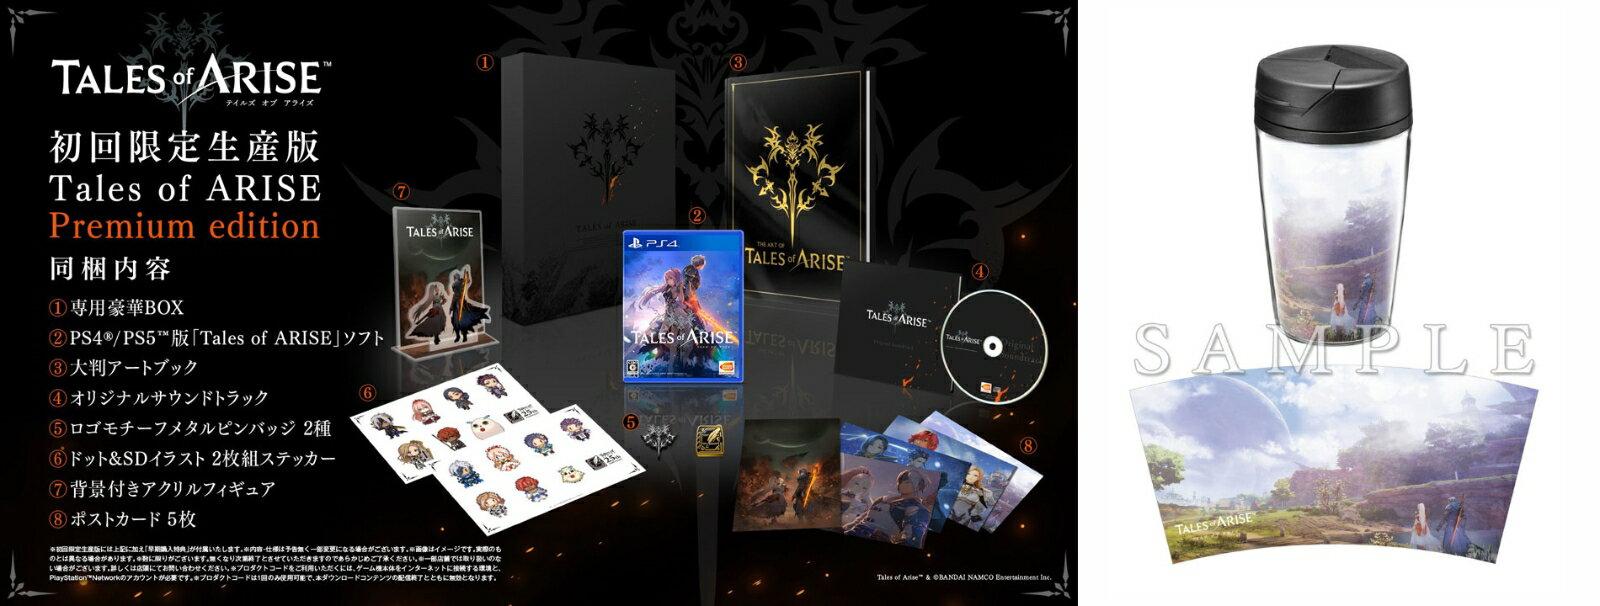 【楽天ブックス限定特典+特典】Tales of ARISE Premium edition PS4版(オリジナルタンブラー+【早期購入封入特典】ダウンロードコンテンツ4種が入手できるプロダクトコード)